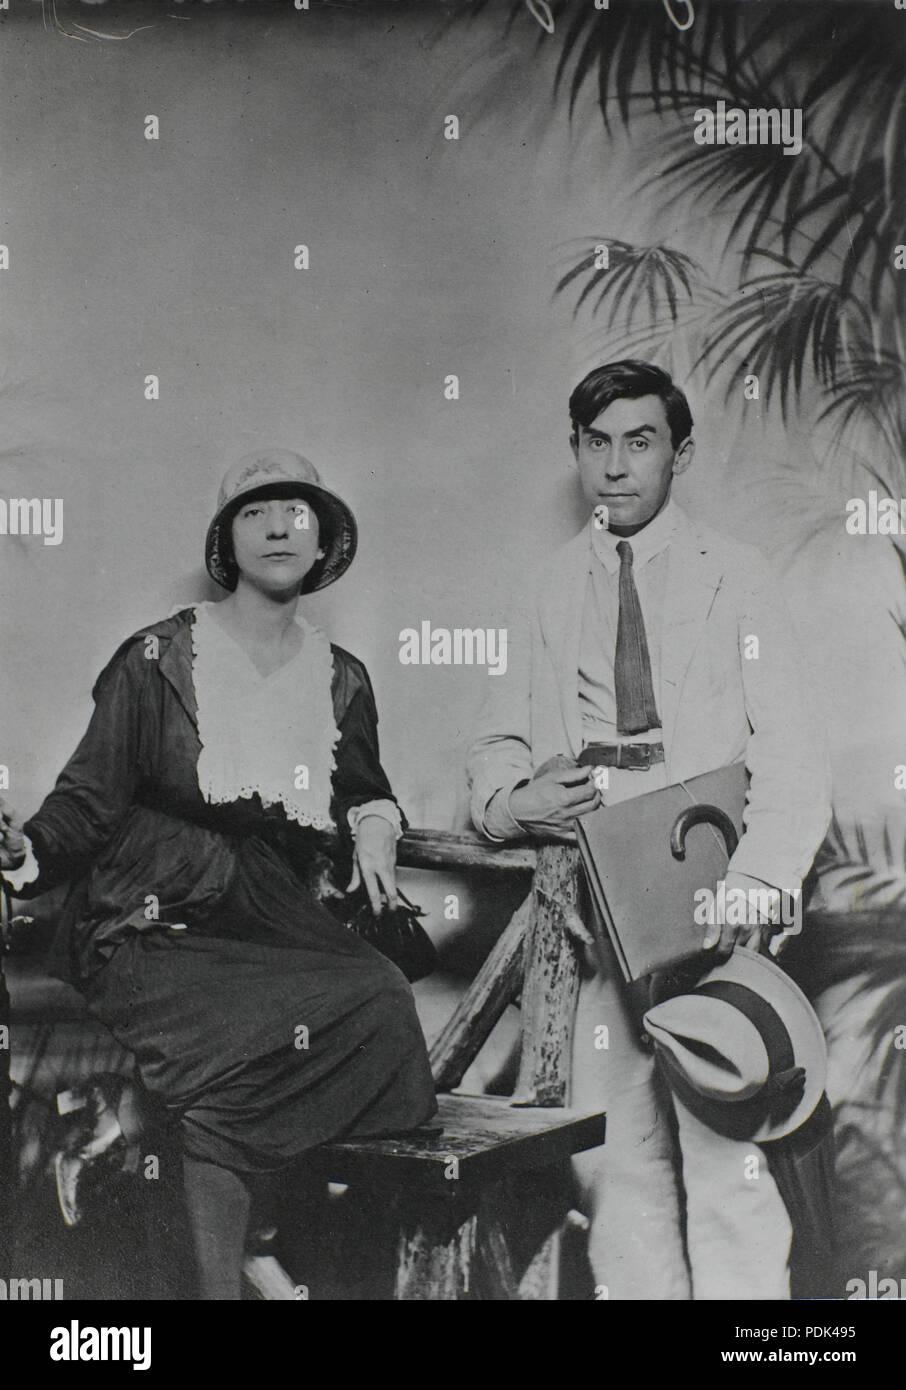 175 Juliette Roche and Albert Gleizes, New York, 1915, Centre Pompidou, Musée national d'art moderne, Bibliothèque Kandinsky (fonds Gleizes) - Stock Image